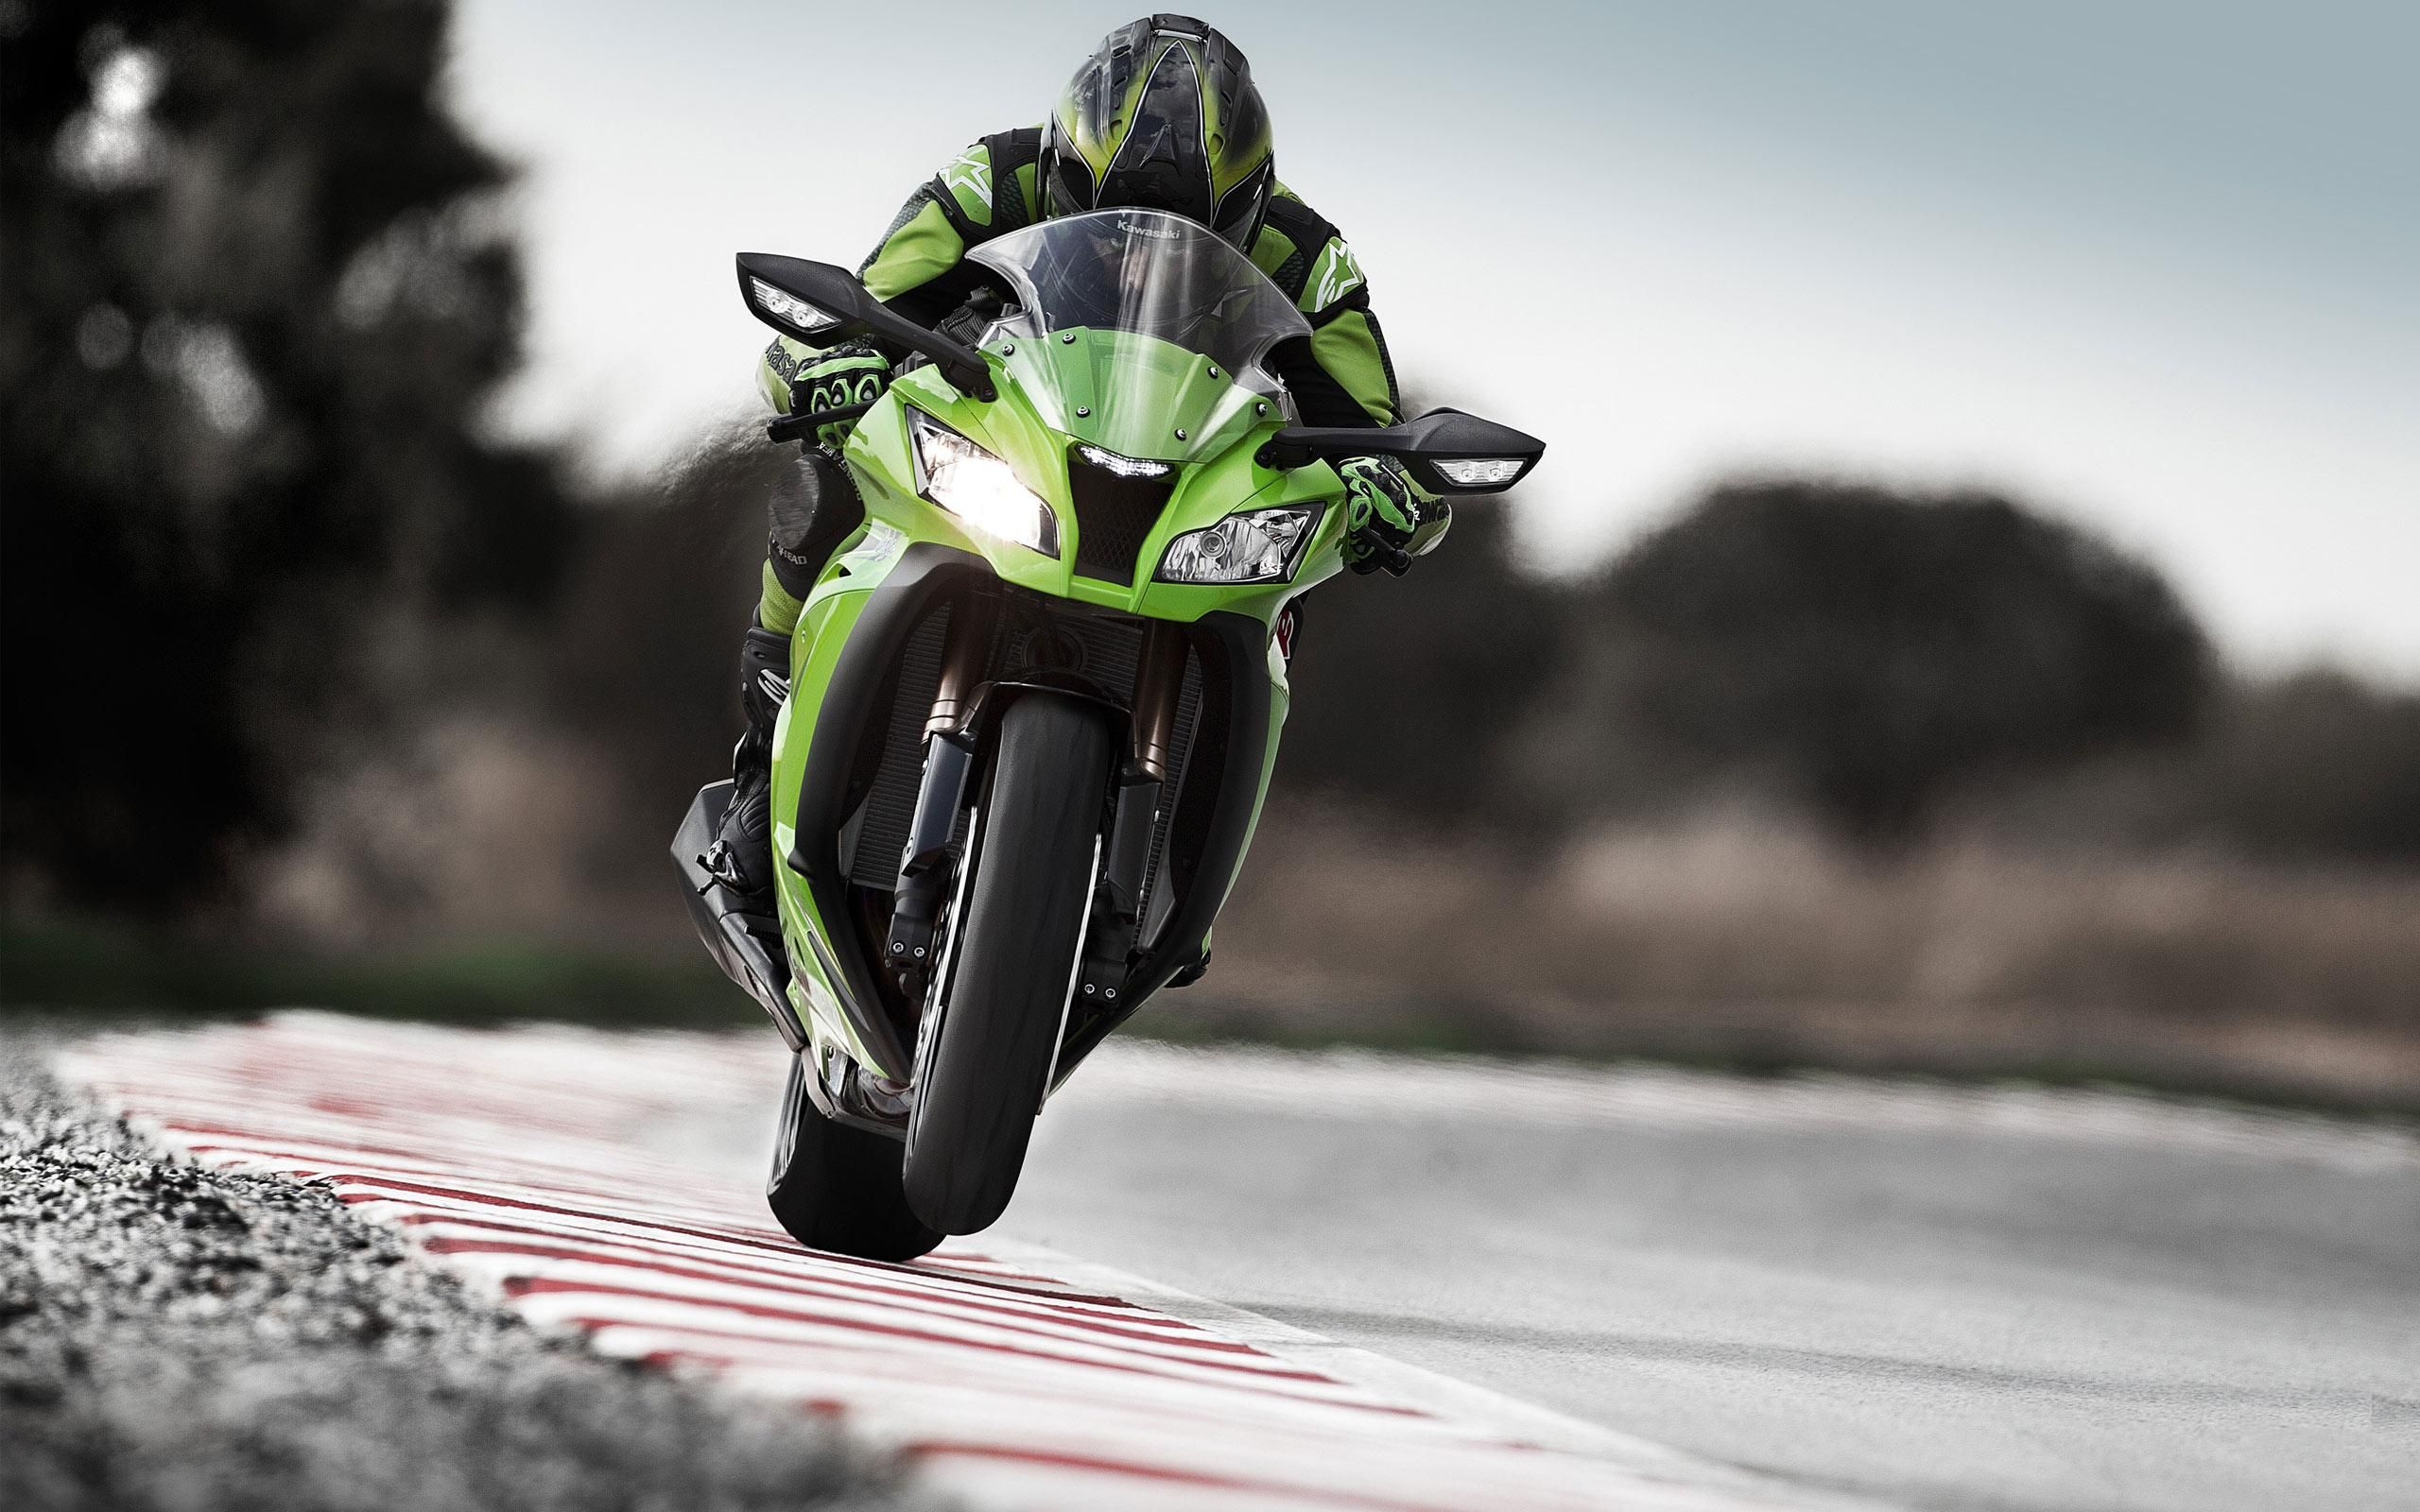 Kawasaki Motorcycle Wallpapers 6 | Kawasaki Motorcycle Wallpapers ...